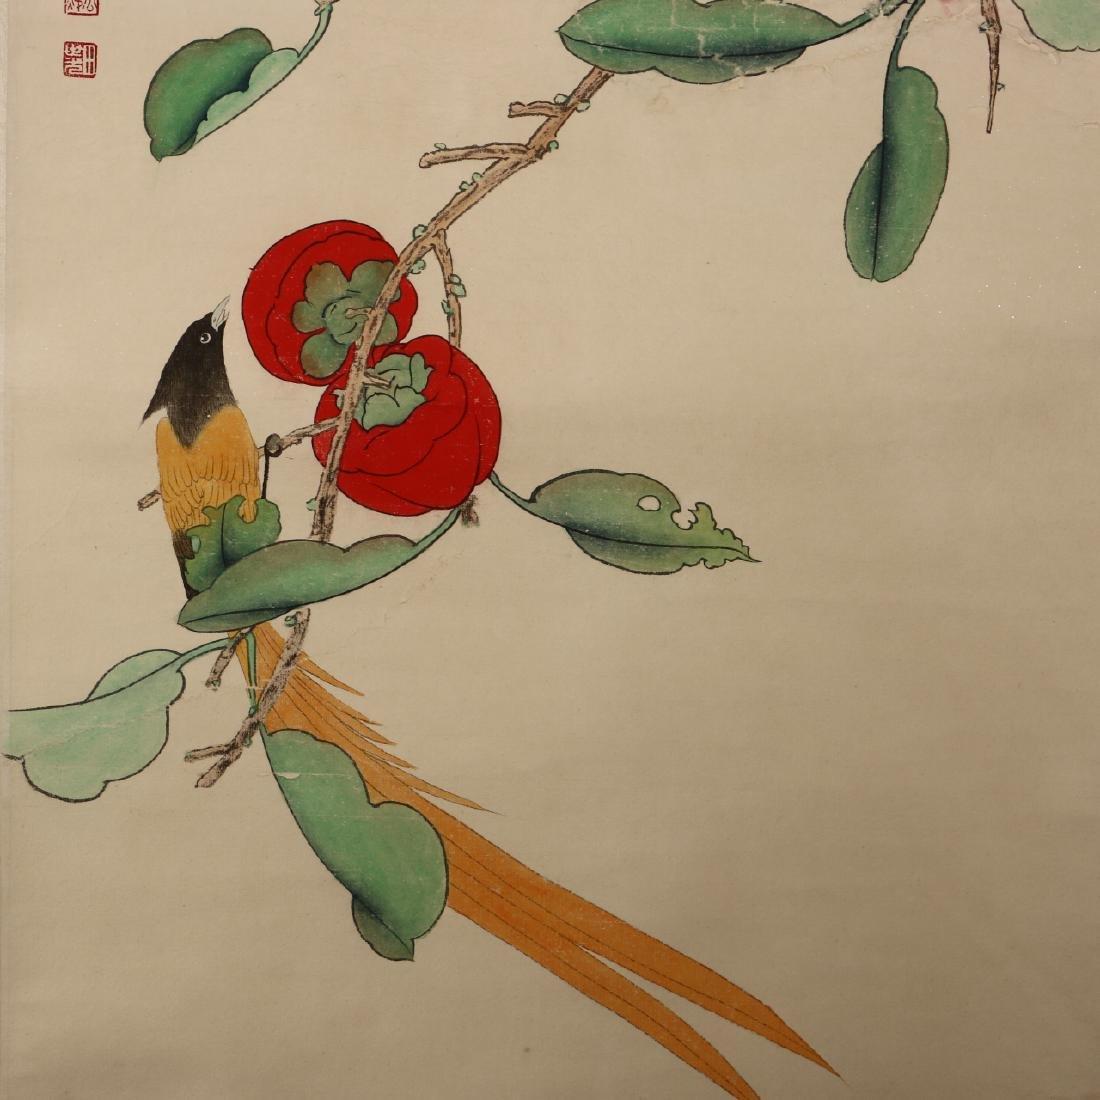 Attributed to Tian Shi Guang - 2